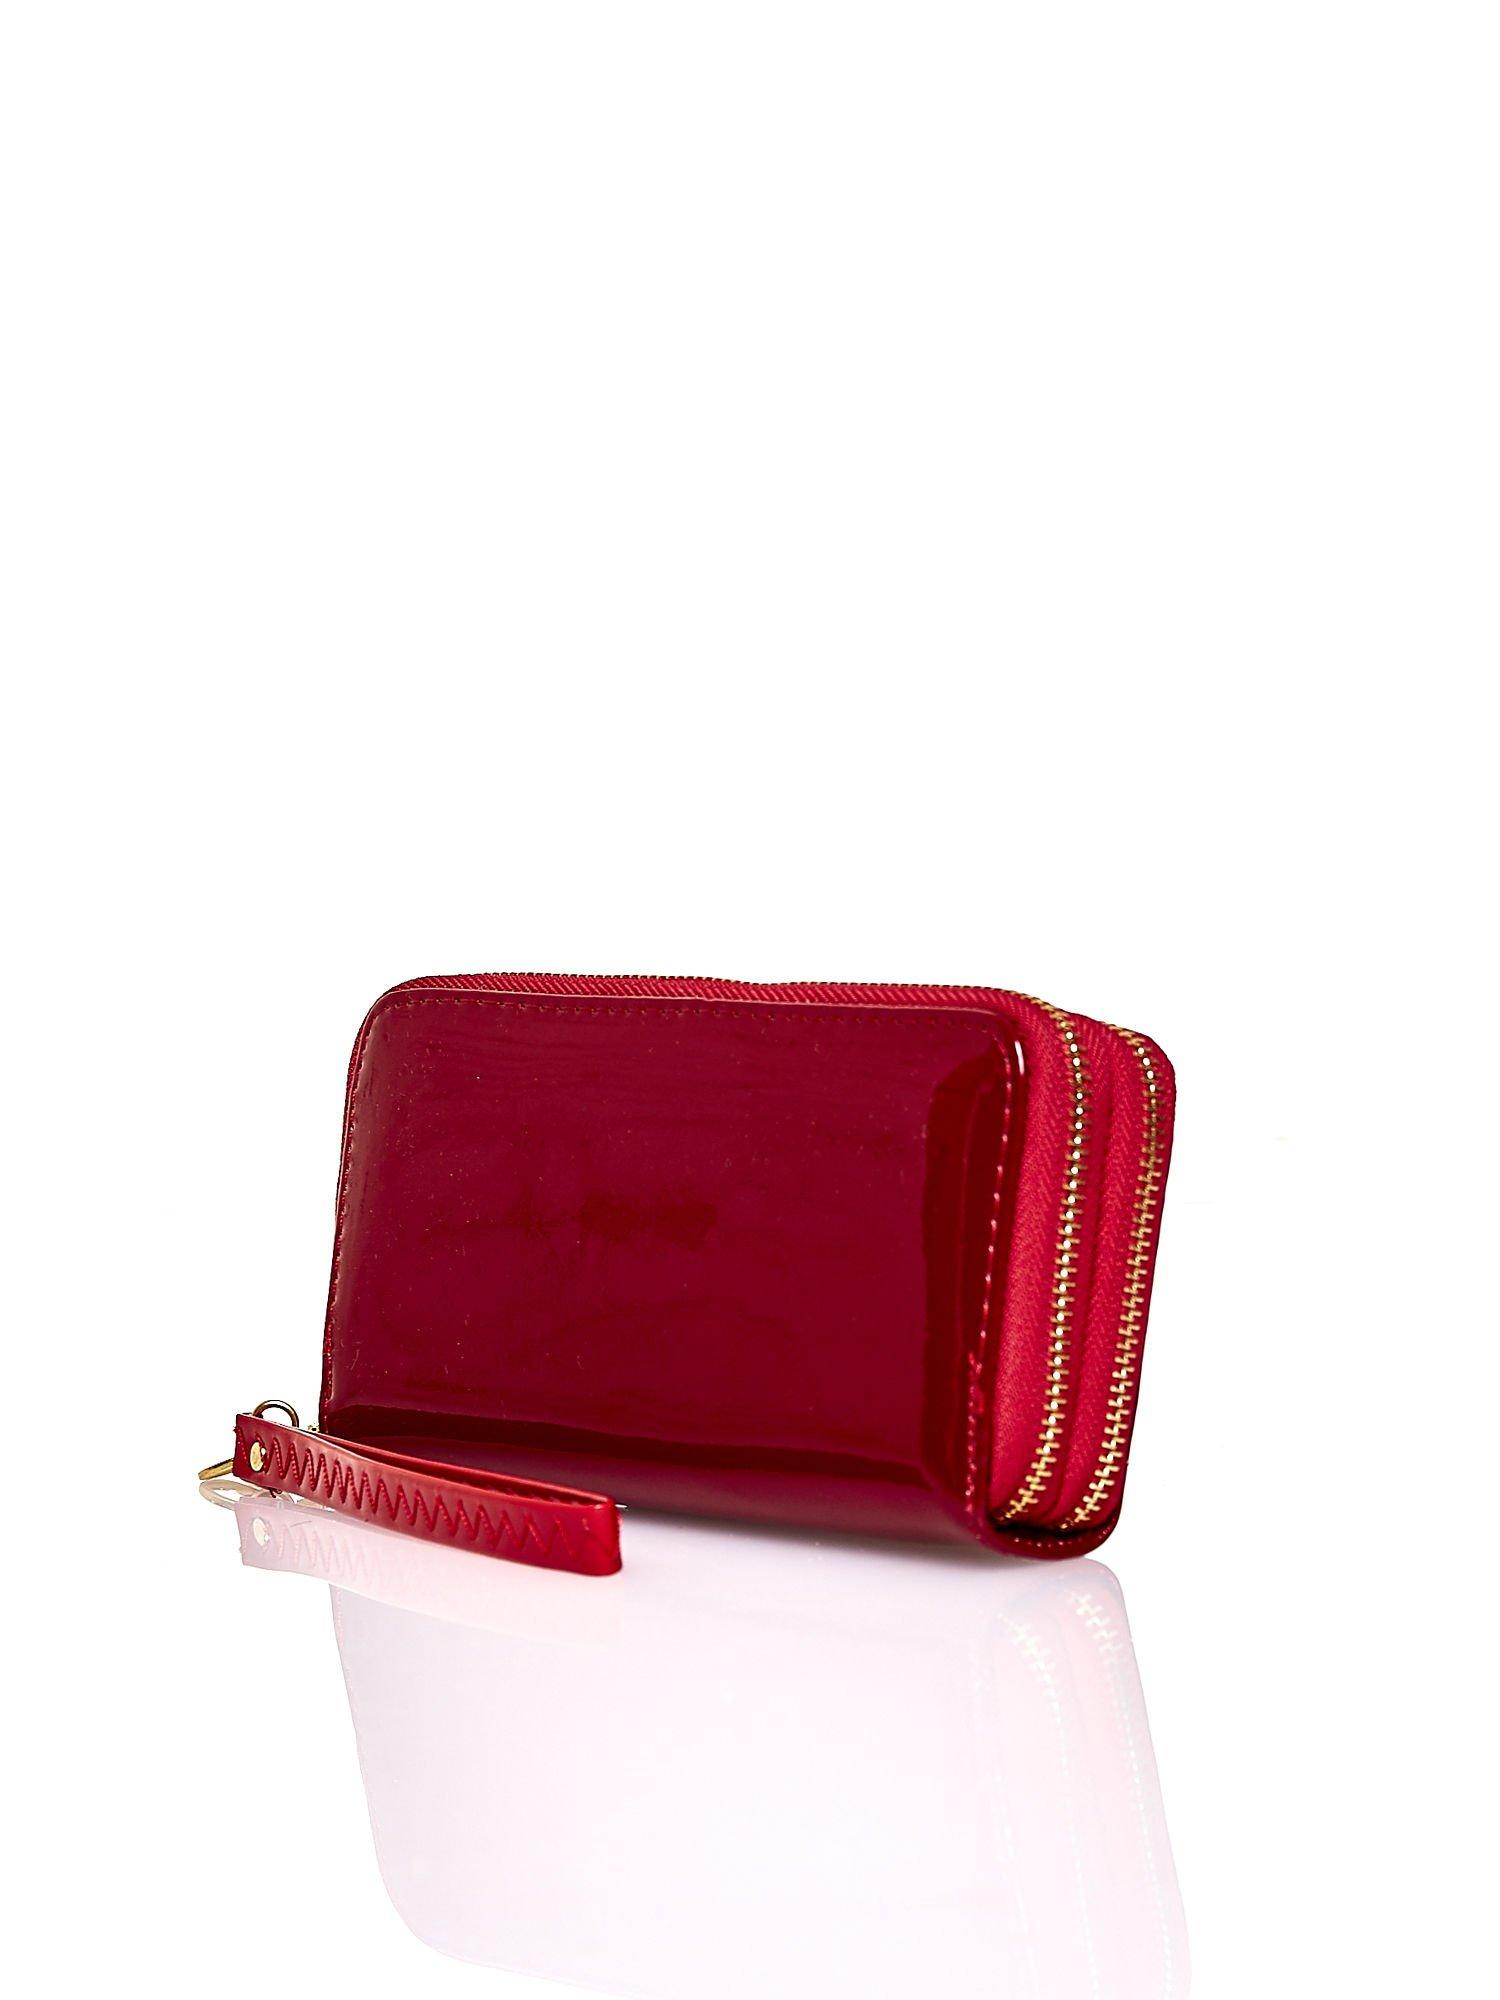 Czerwony lakierowany portfel z uchwytem na rękę                                  zdj.                                  2